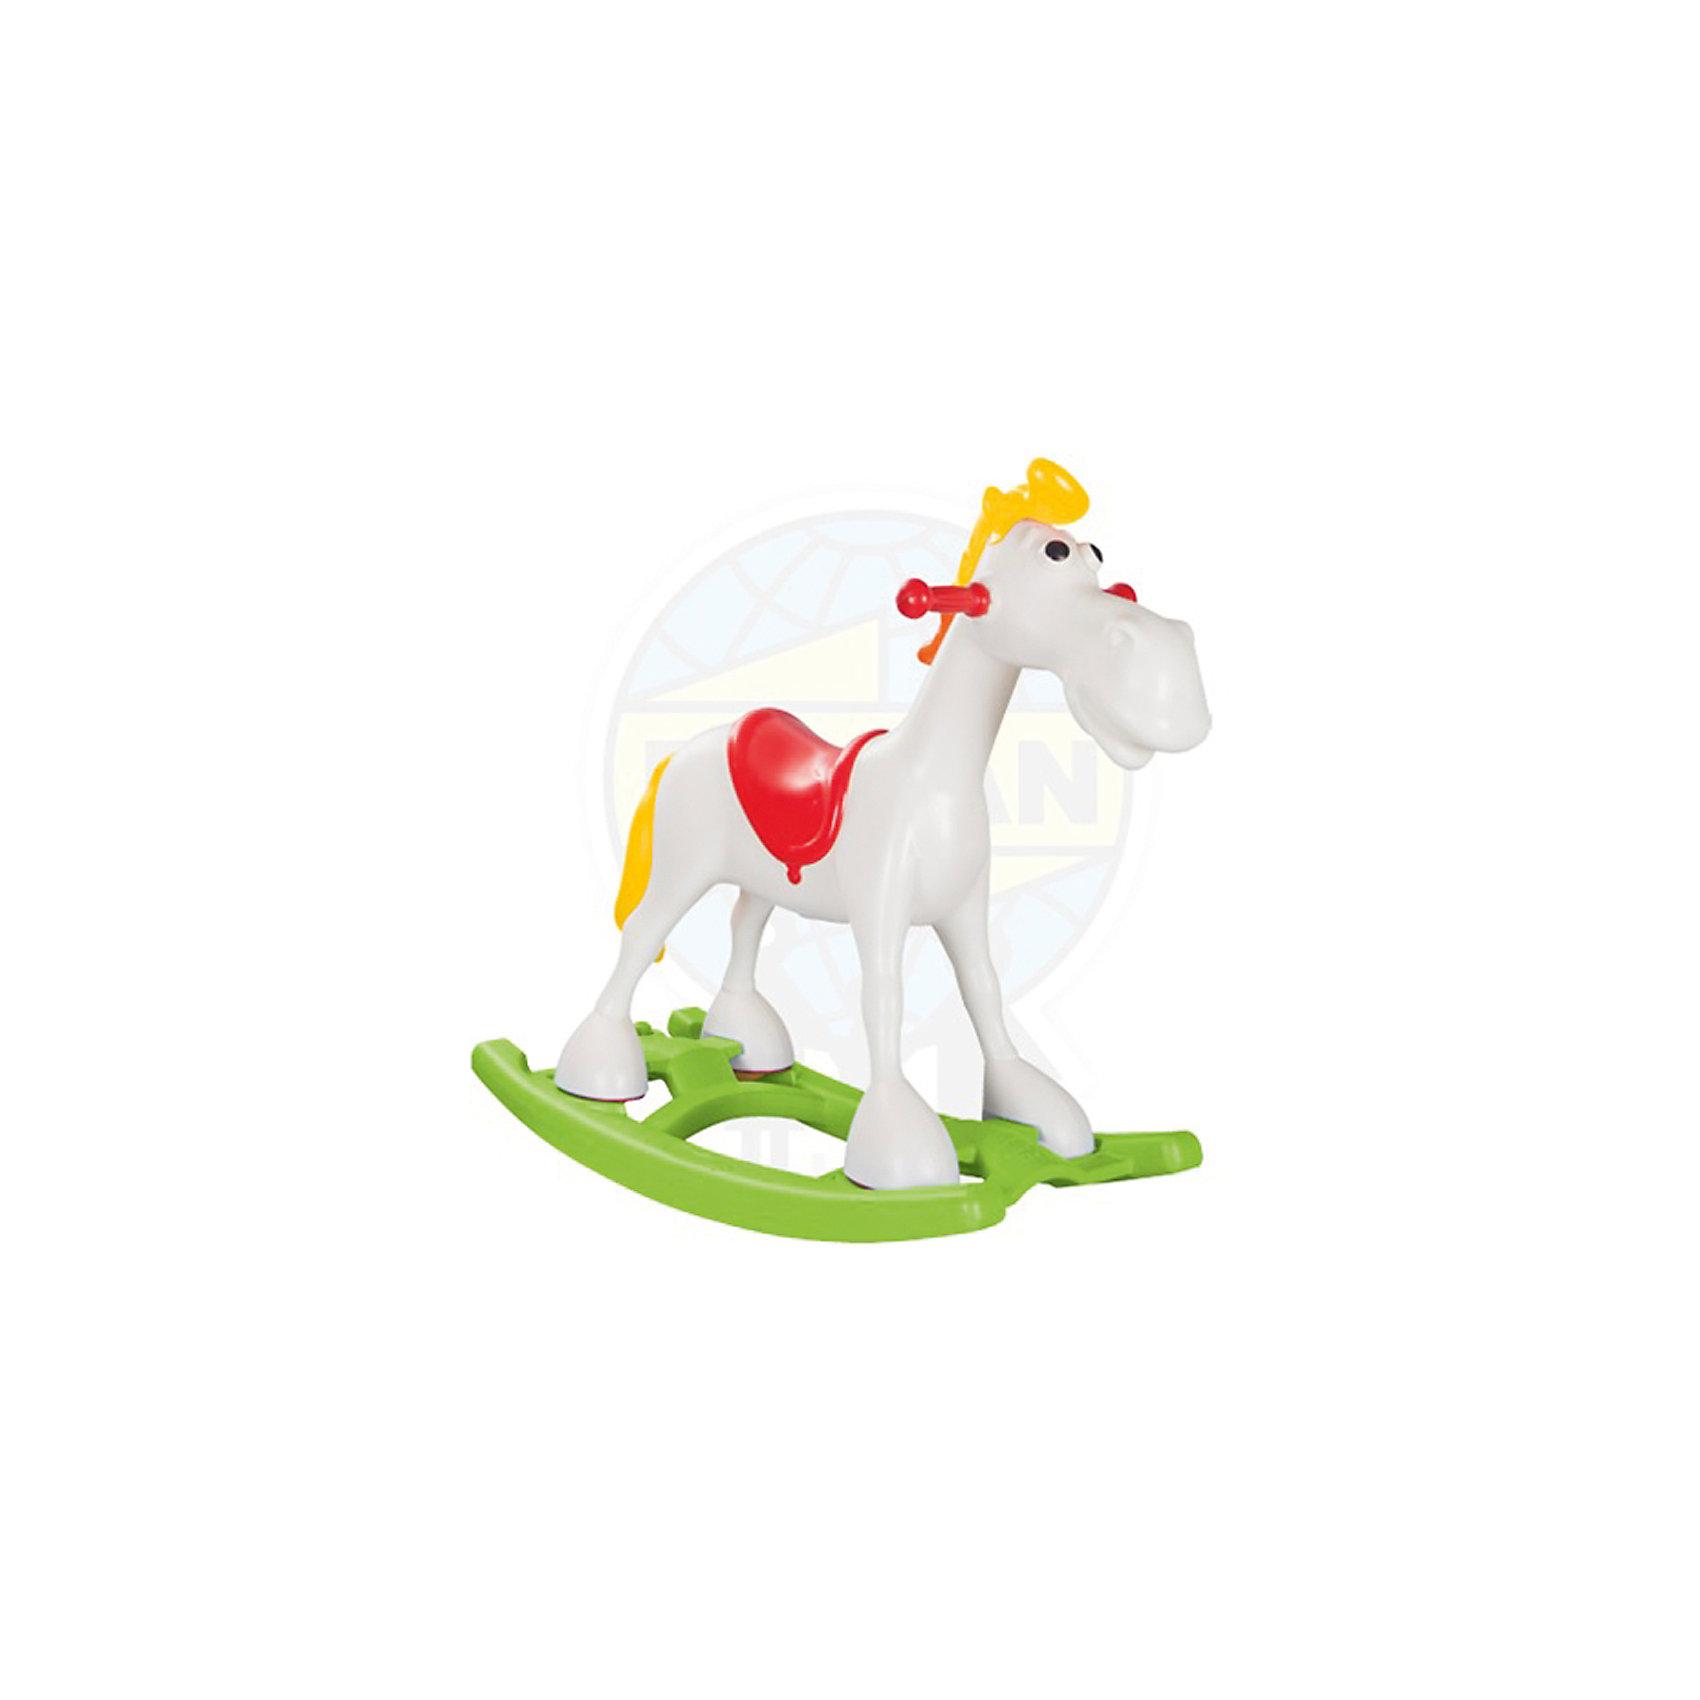 ������� ������� Lucky Horse, PILSAN (-)